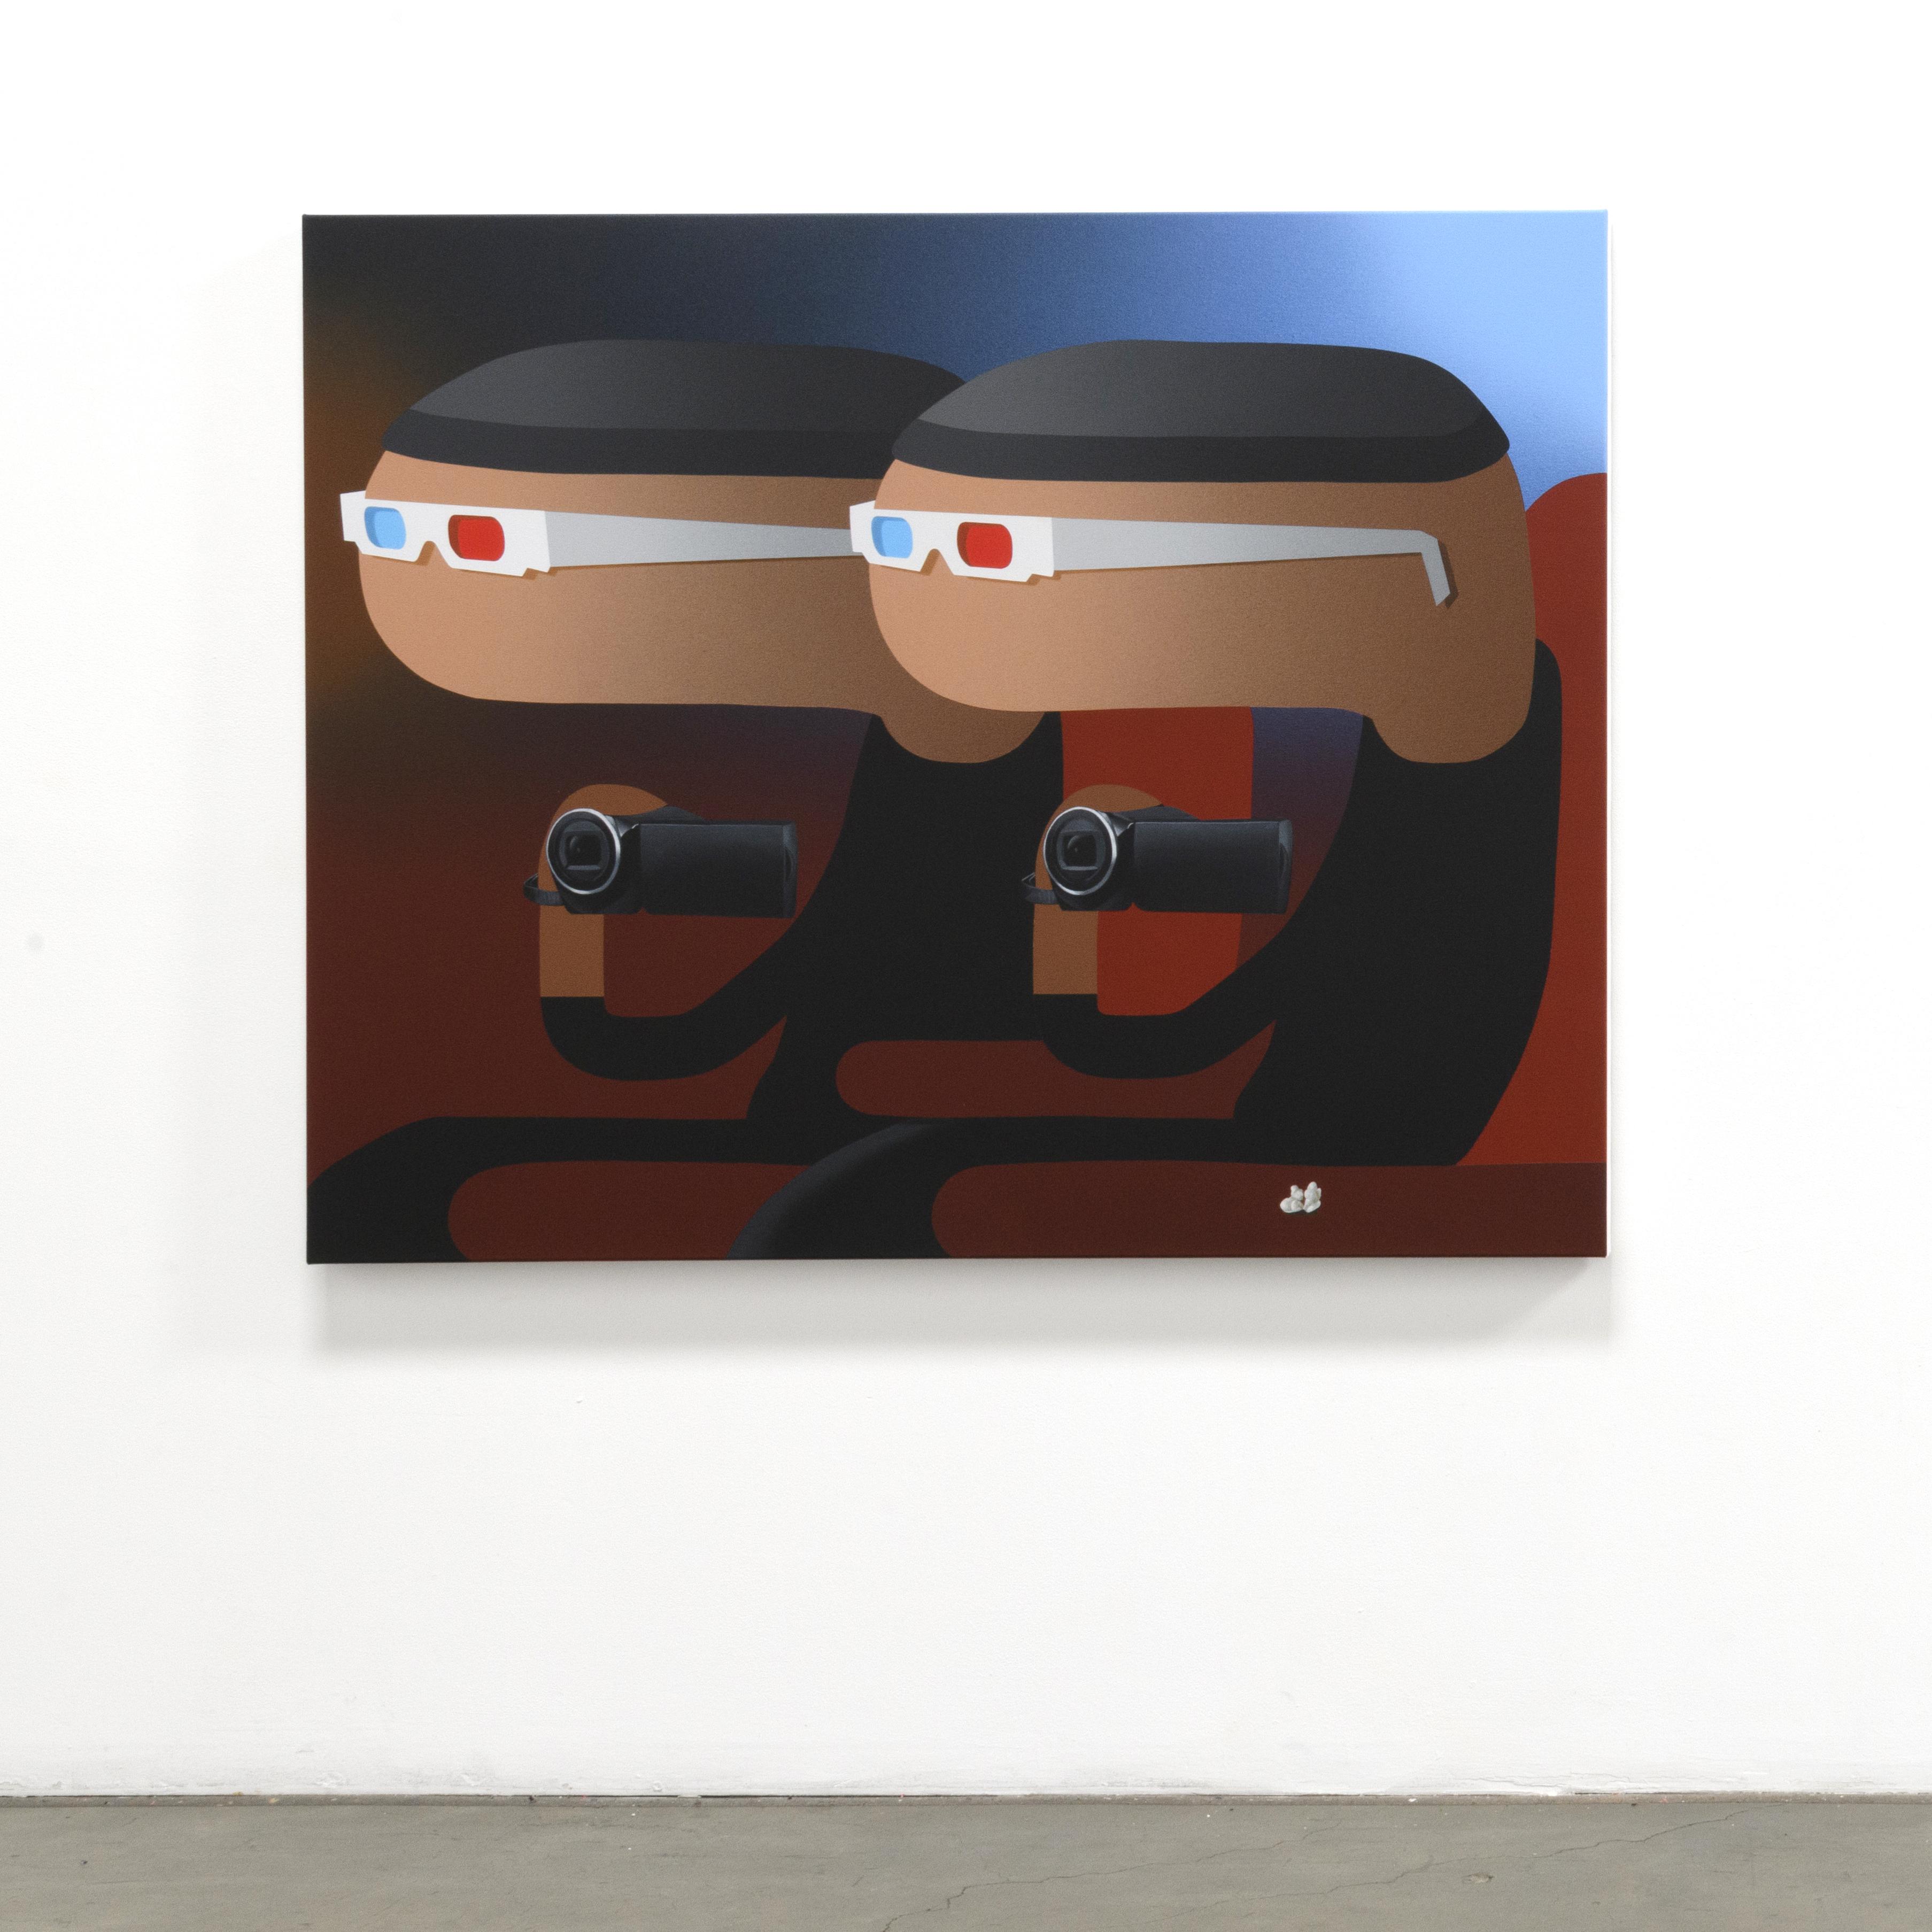 Oli Epp, «Copycat», 2019, huile et acrylique sur toile, image publiée avec la permission de l'artiste et de la galerie Richard Heller